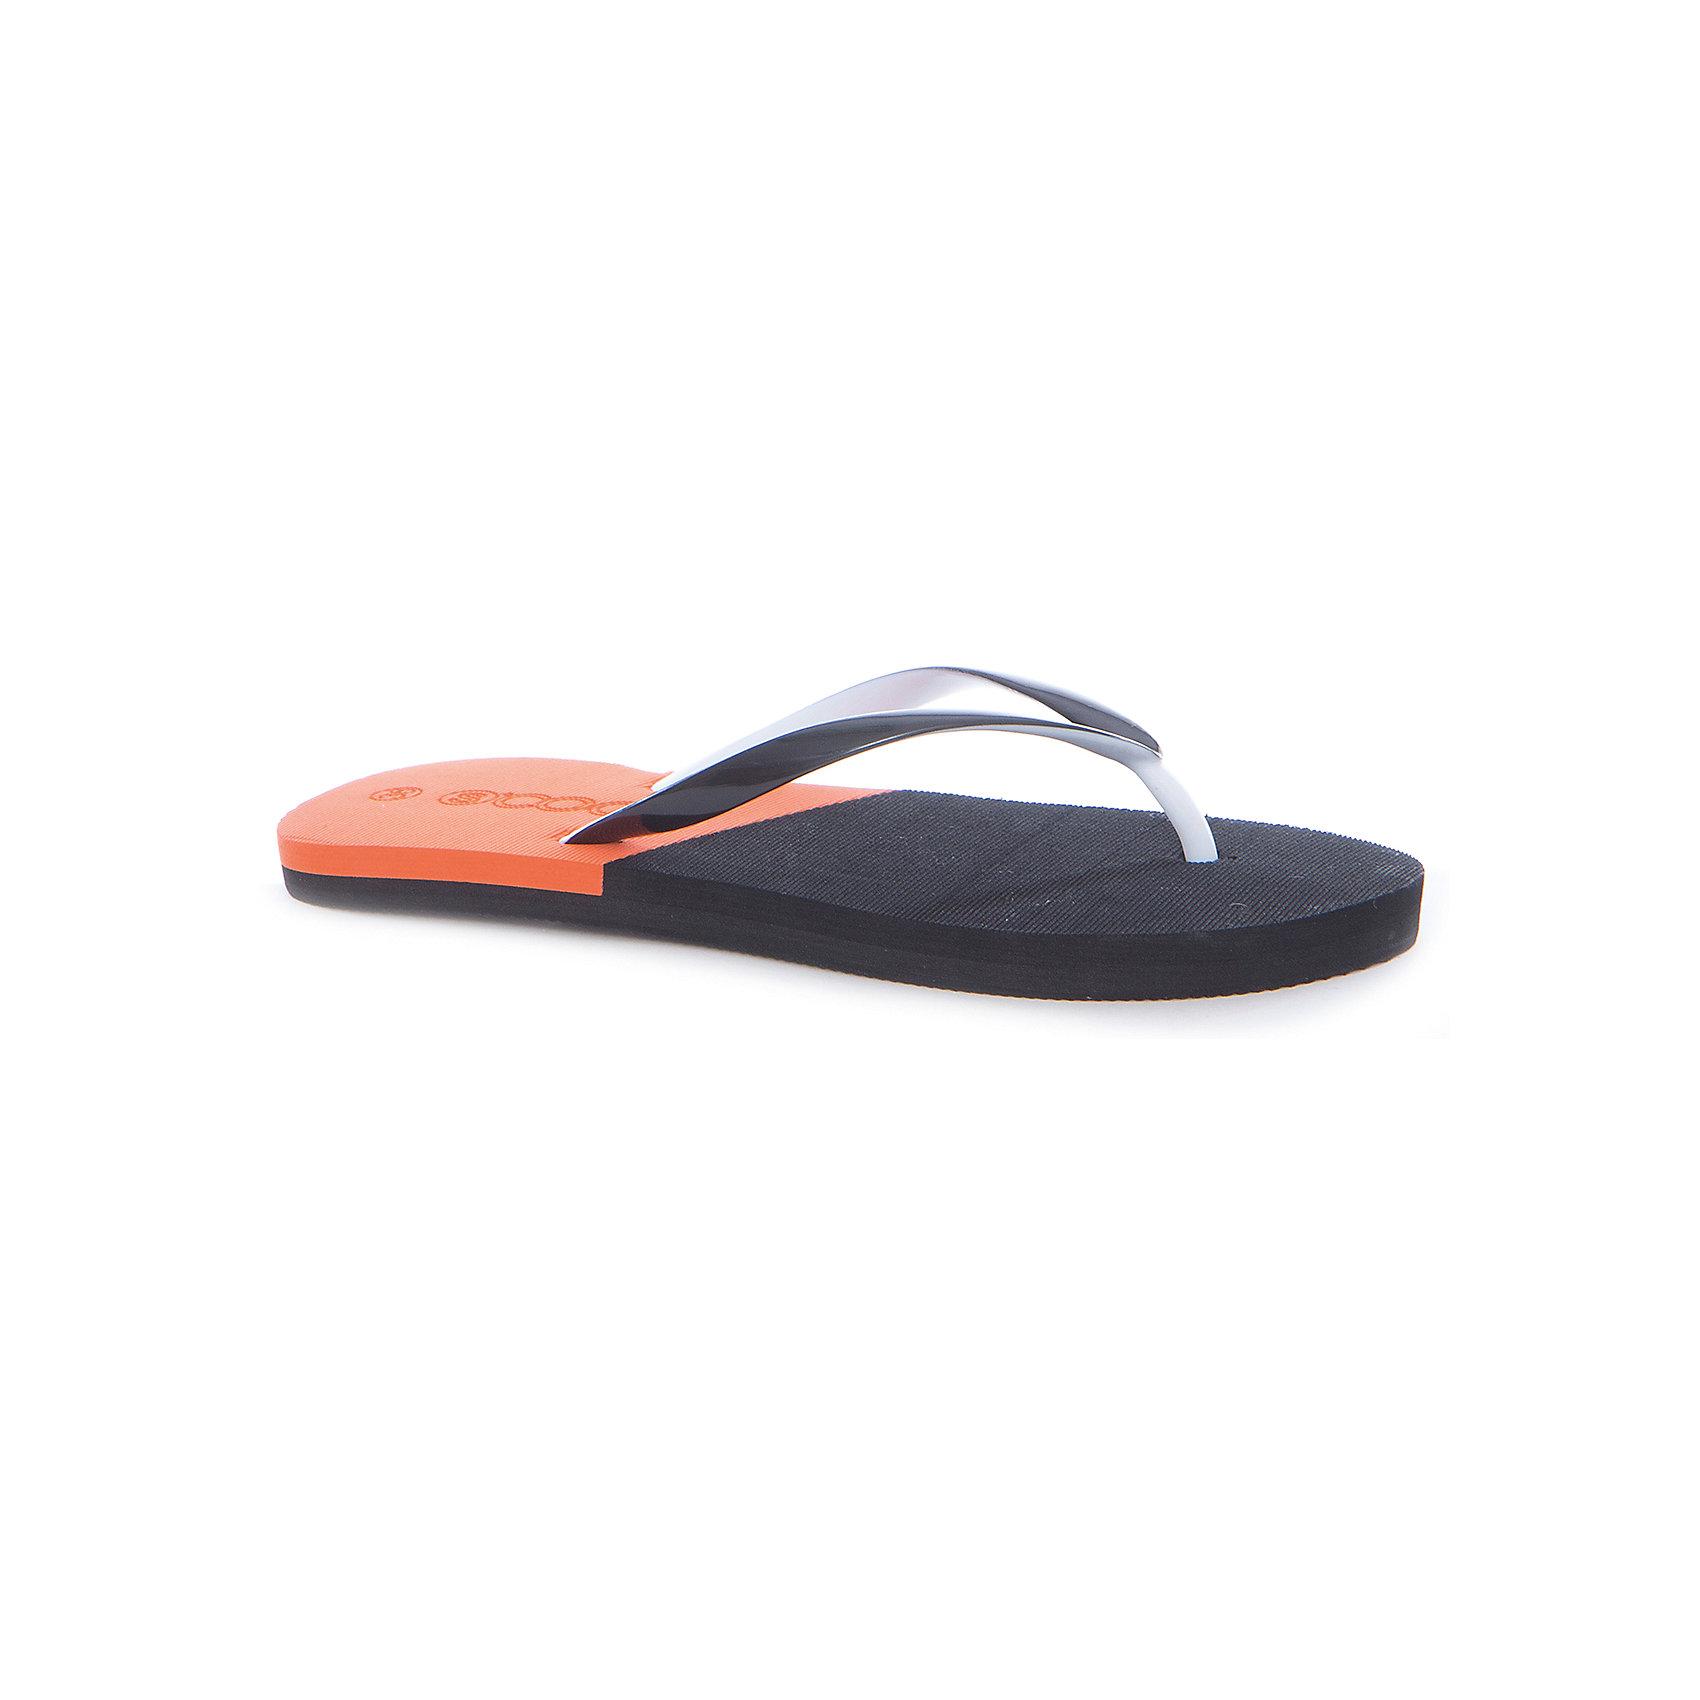 Шлепанцы для мальчика ScoolПляжная обувь<br>Характеристики товара:<br><br>• цвет: чёрный/оранжевый<br>• состав: 100% поливинилхлорид<br>• сезон: лето<br>• подходят для пляжа и для занятий в бассейне<br>• страна бренда: Германия<br>• страна производства: Китай<br><br>Пляжные шлёпанцы для мальчика Scool. Вьетнамки выполнены из мягкого водонепроницаемого материала. Контрасный сочный рисунок подошвы выгодно отличает данное изделие.<br><br>Пантолеты для мальчика от известного бренда Scool можно купить в нашем интернет-магазине.<br><br>Ширина мм: 225<br>Глубина мм: 139<br>Высота мм: 112<br>Вес г: 290<br>Цвет: разноцветный<br>Возраст от месяцев: 144<br>Возраст до месяцев: 156<br>Пол: Мужской<br>Возраст: Детский<br>Размер: 36,37,38,39,40<br>SKU: 5406836